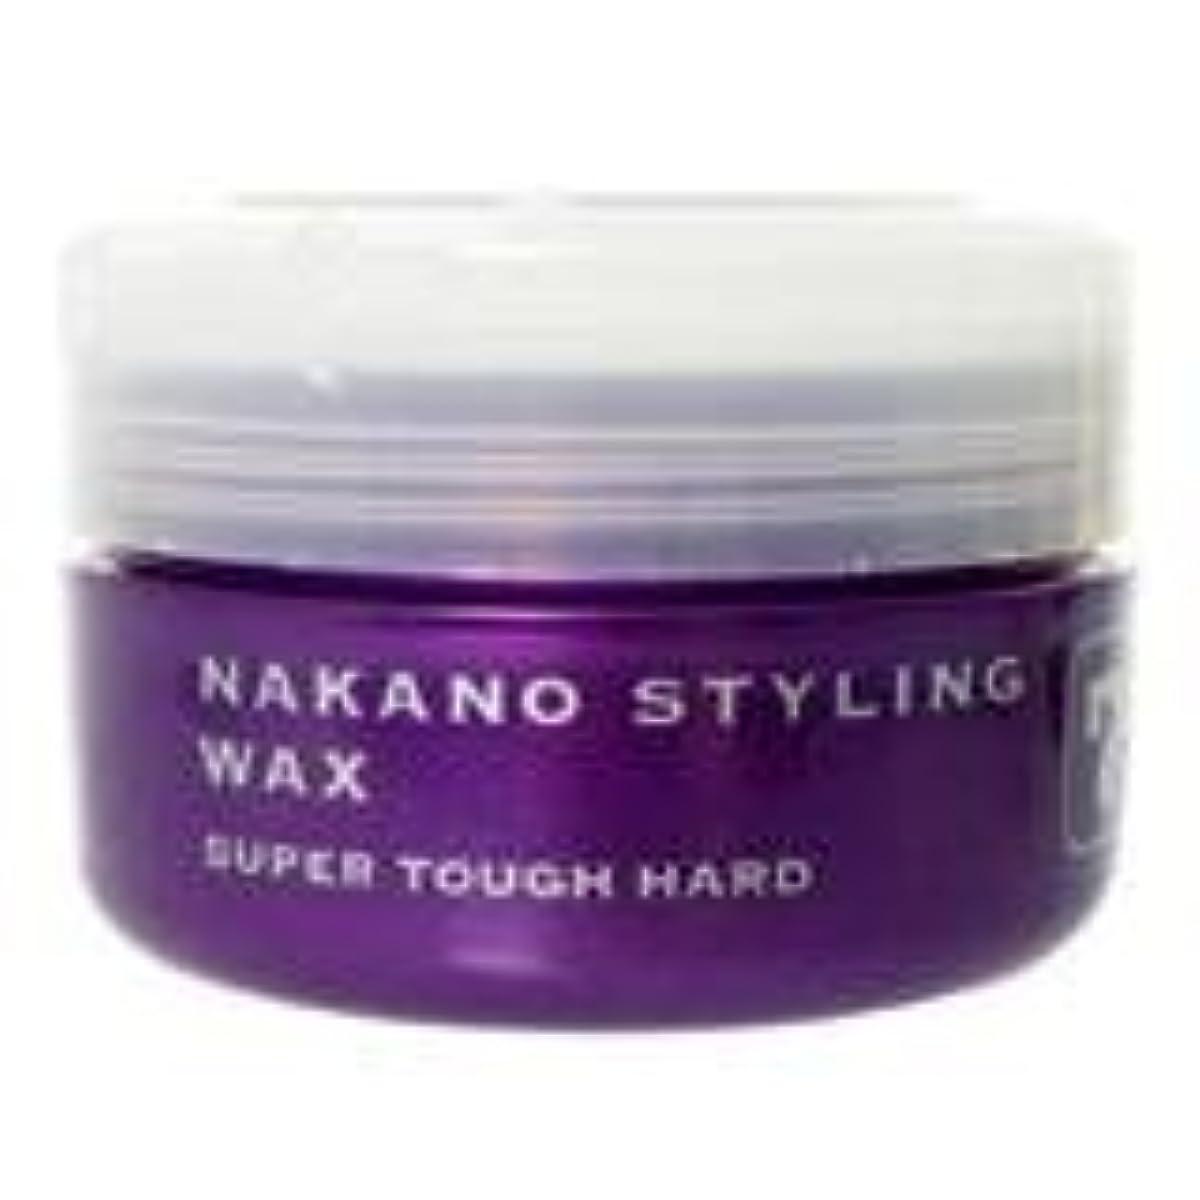 エージェント高さ溢れんばかりのナカノ スタイリングワックス 7 スーパータフハード 90g 中野製薬 NAKANO